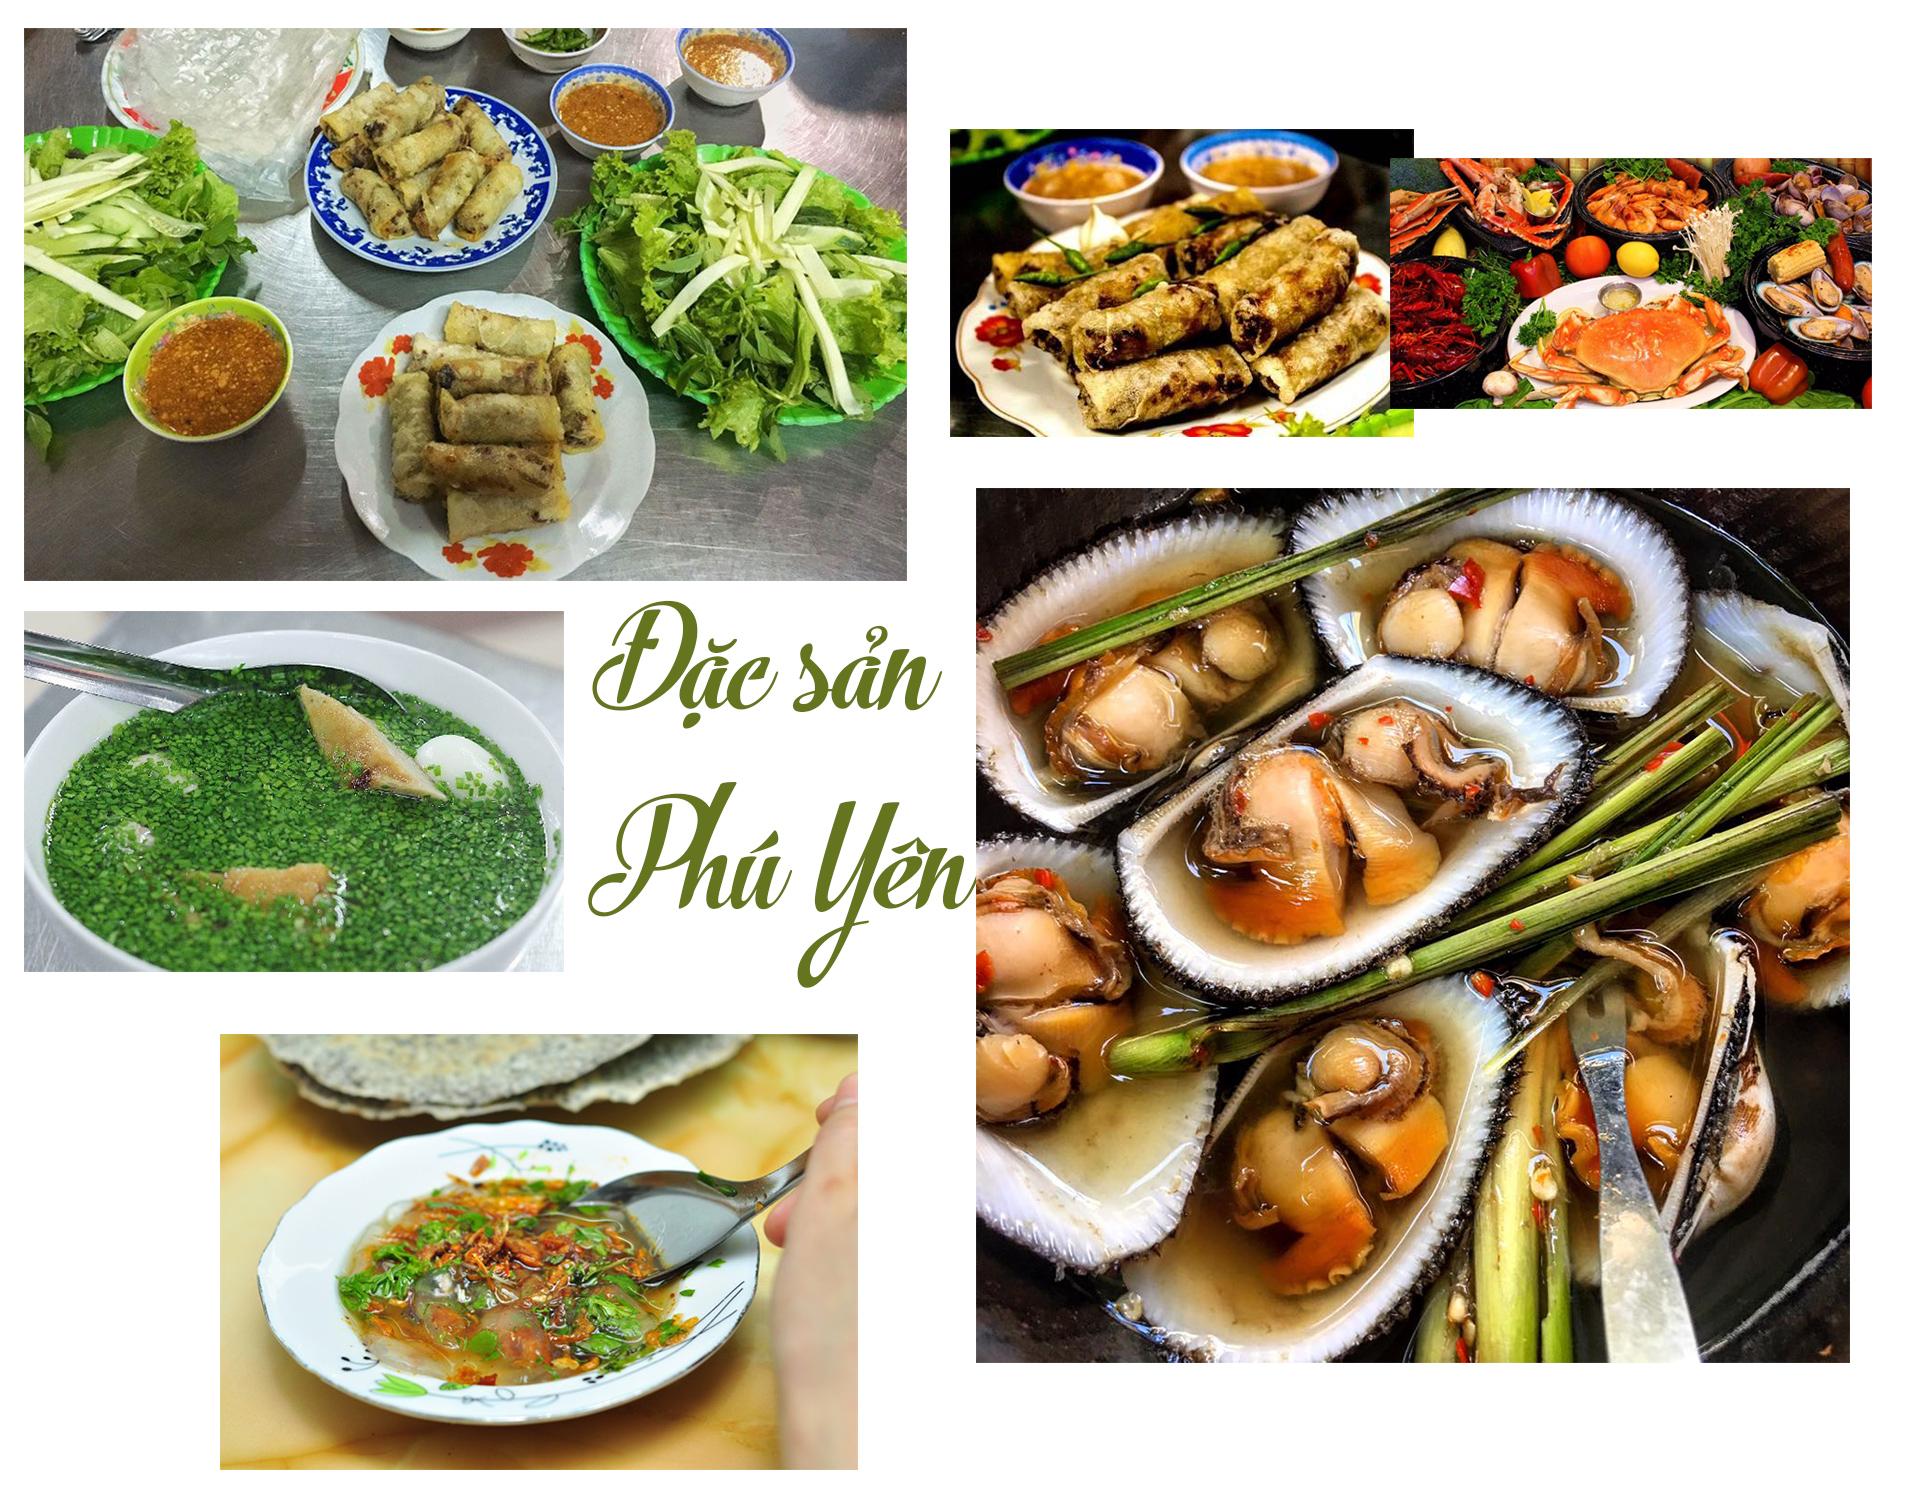 Những điểm đến nổi bật ở Phú Yên thu hút du khách Tây - 7